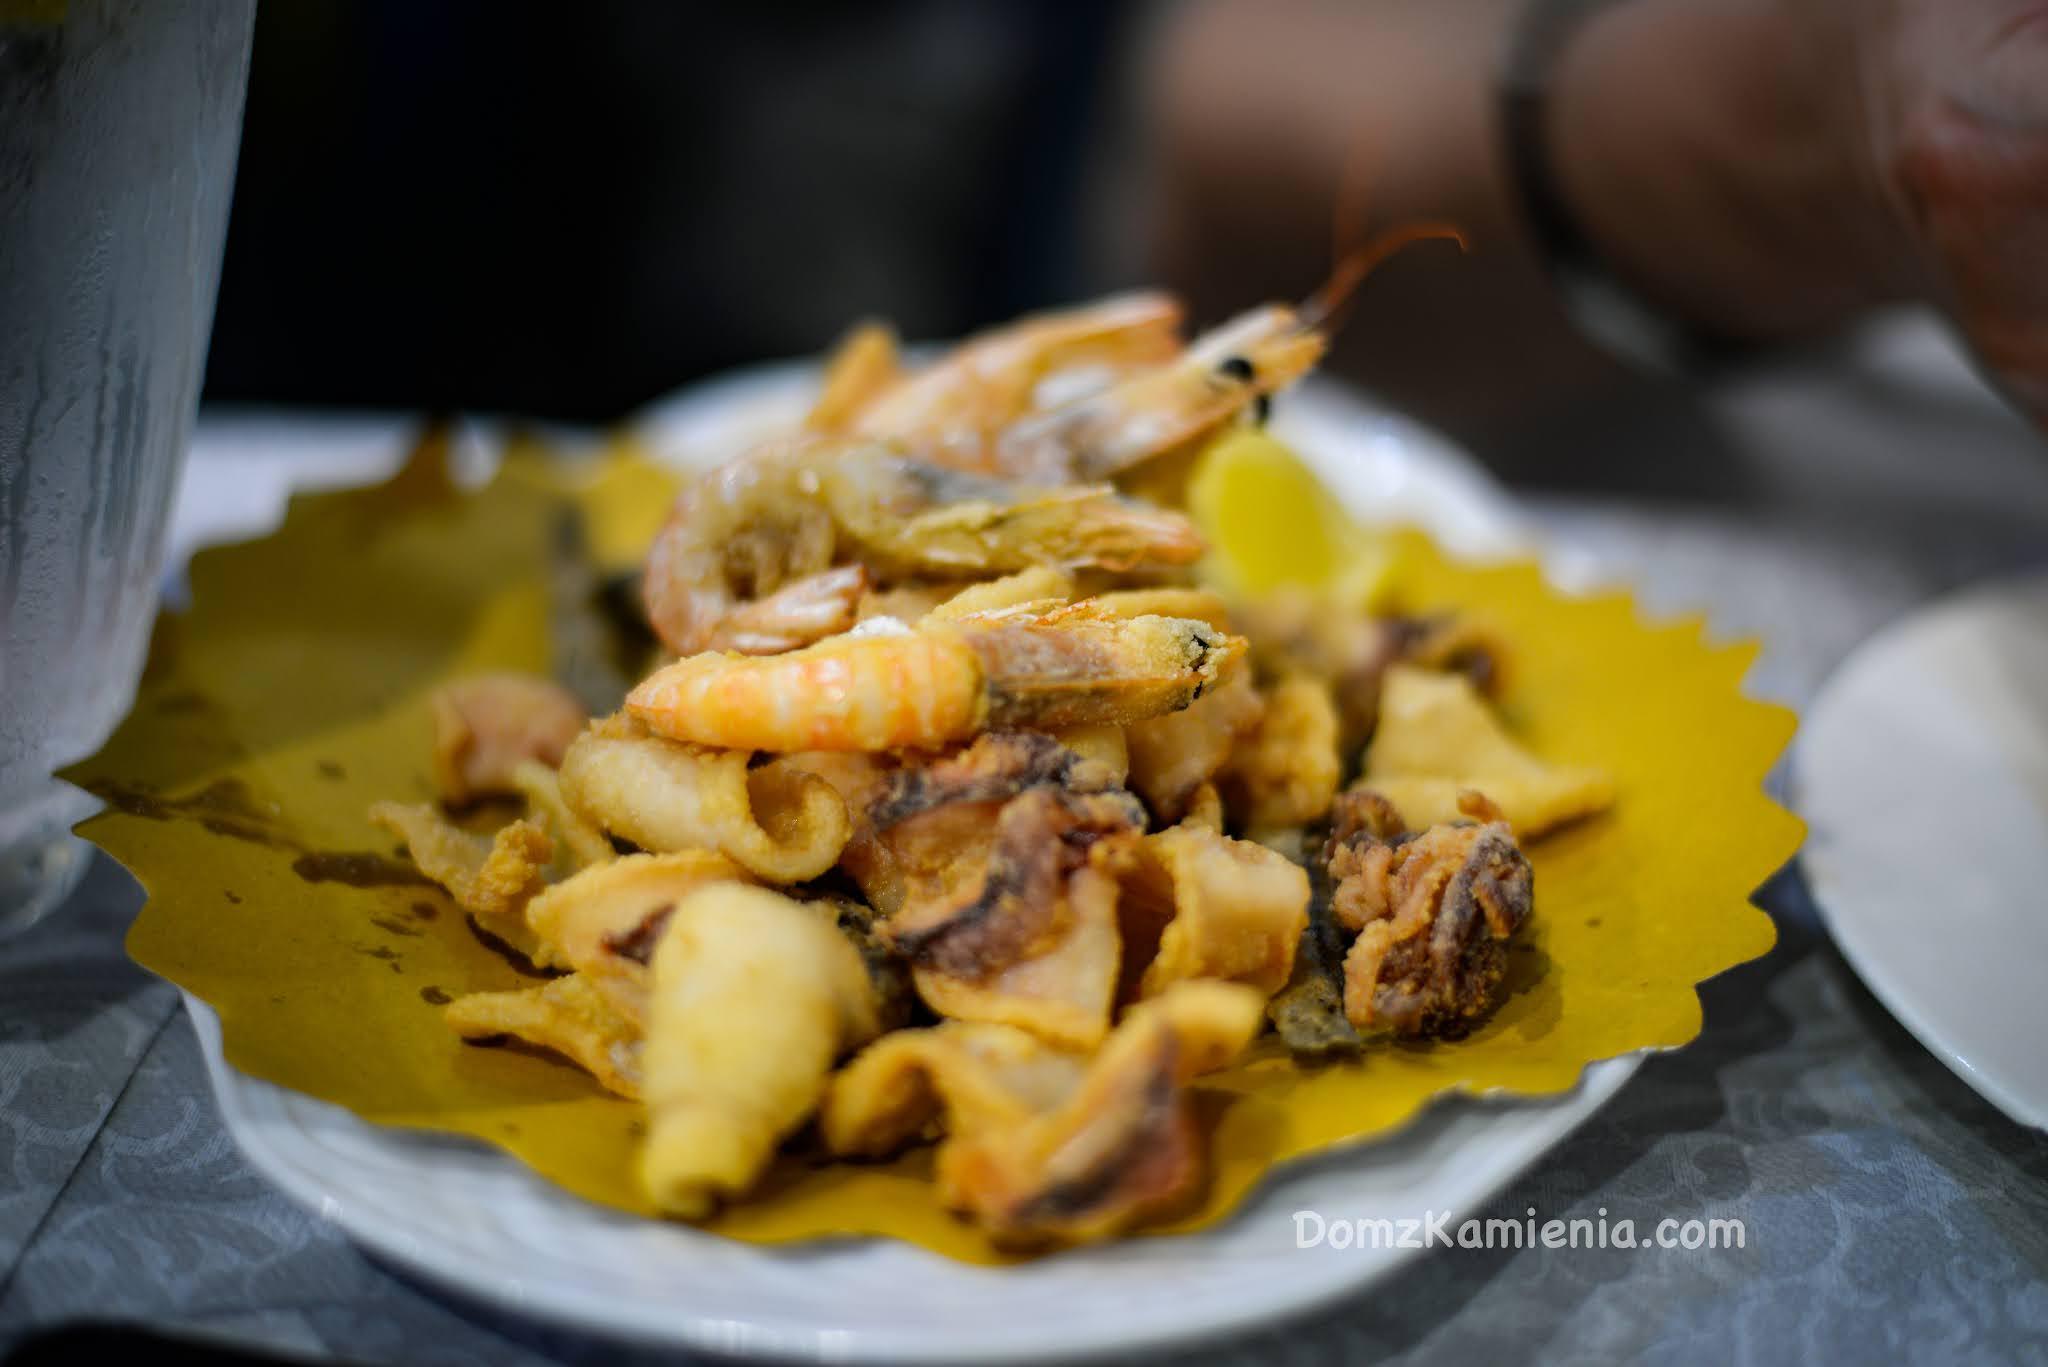 Abruzzo kuchnia - Dom z Kamienia blog Katarzyna Nowacka